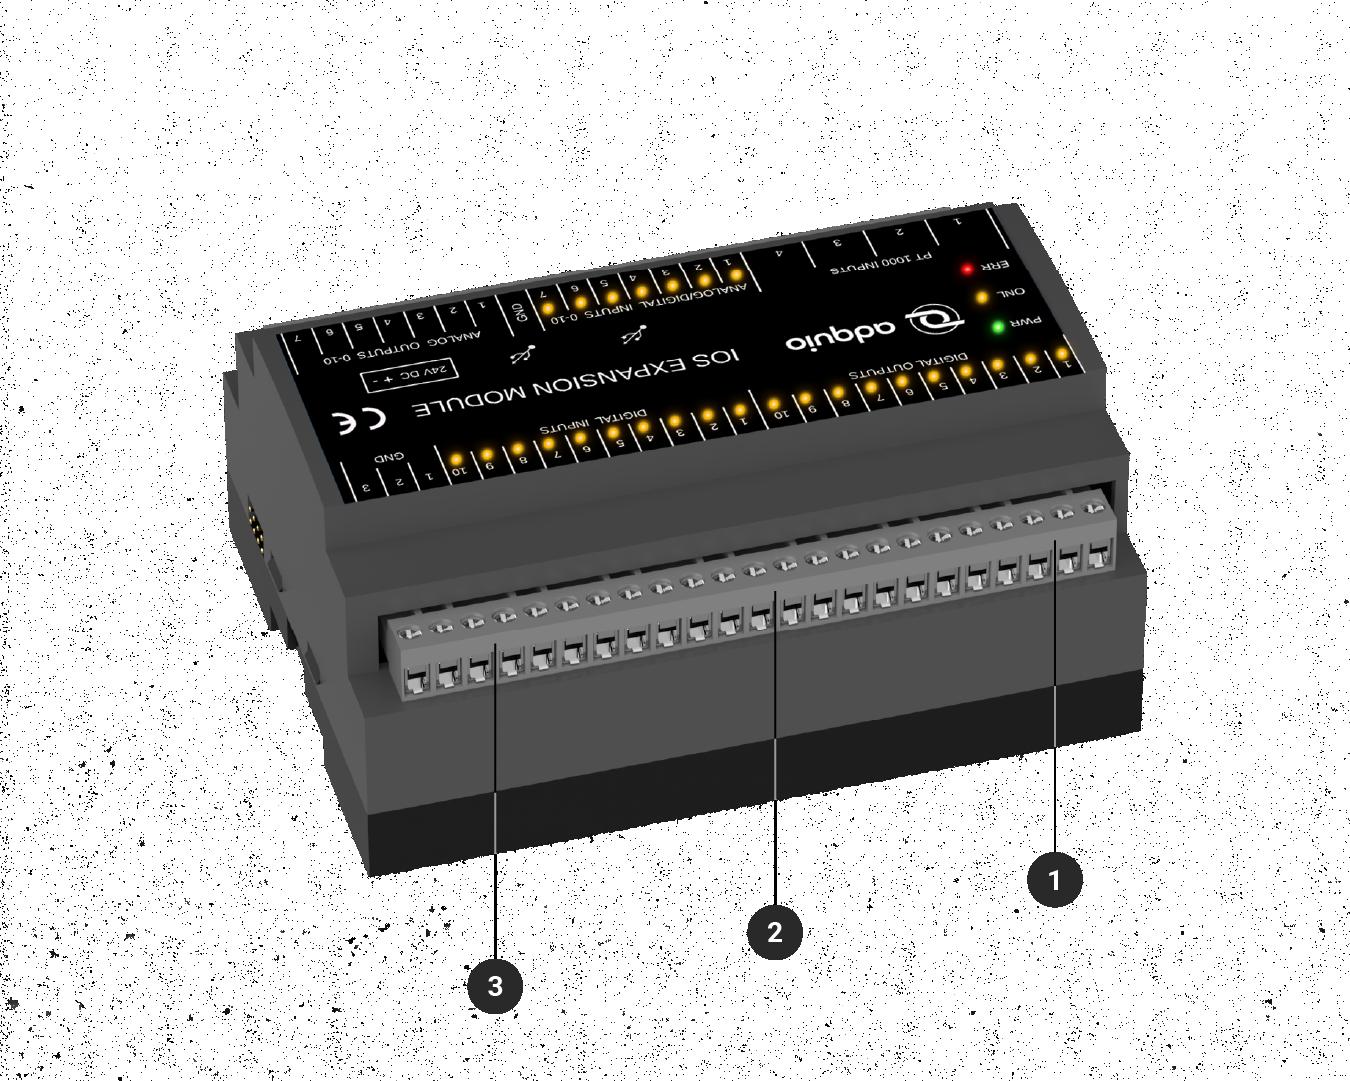 Vista de los conectores traseros del módulo de ampliación de entradas y salidas para adquio pro y lite